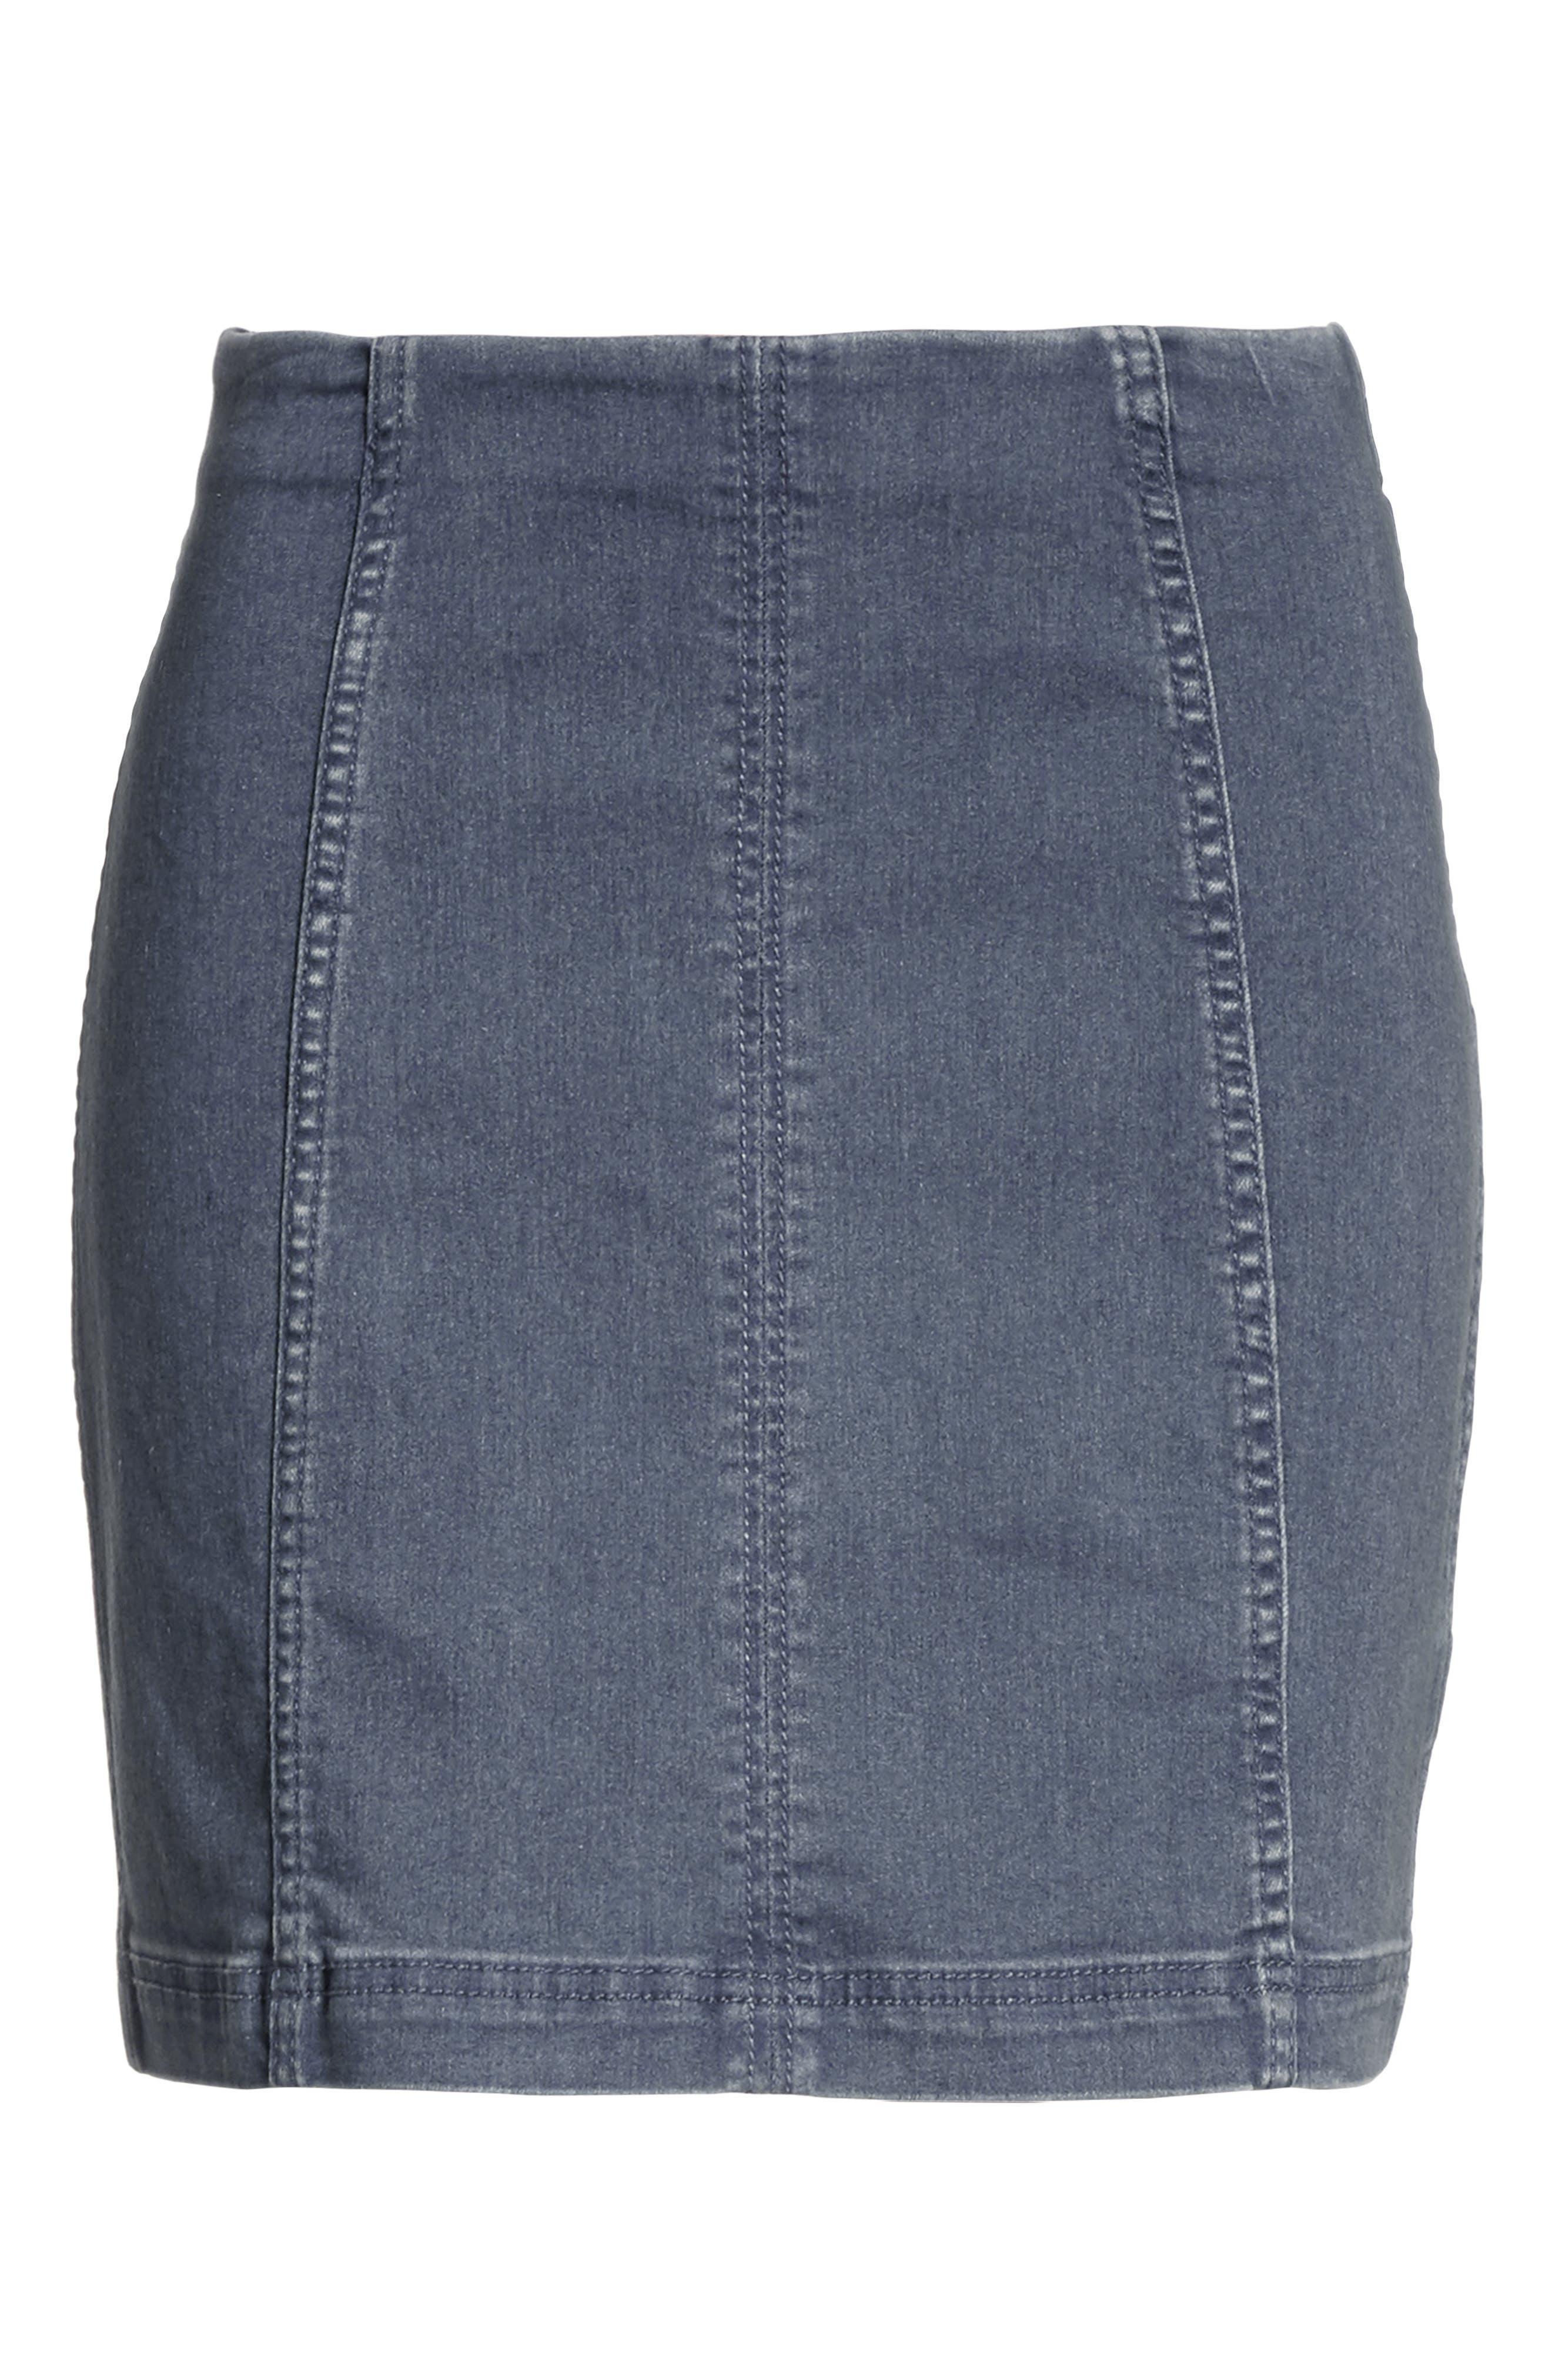 'Modern Femme' Denim Miniskirt,                             Alternate thumbnail 6, color,                             Blue